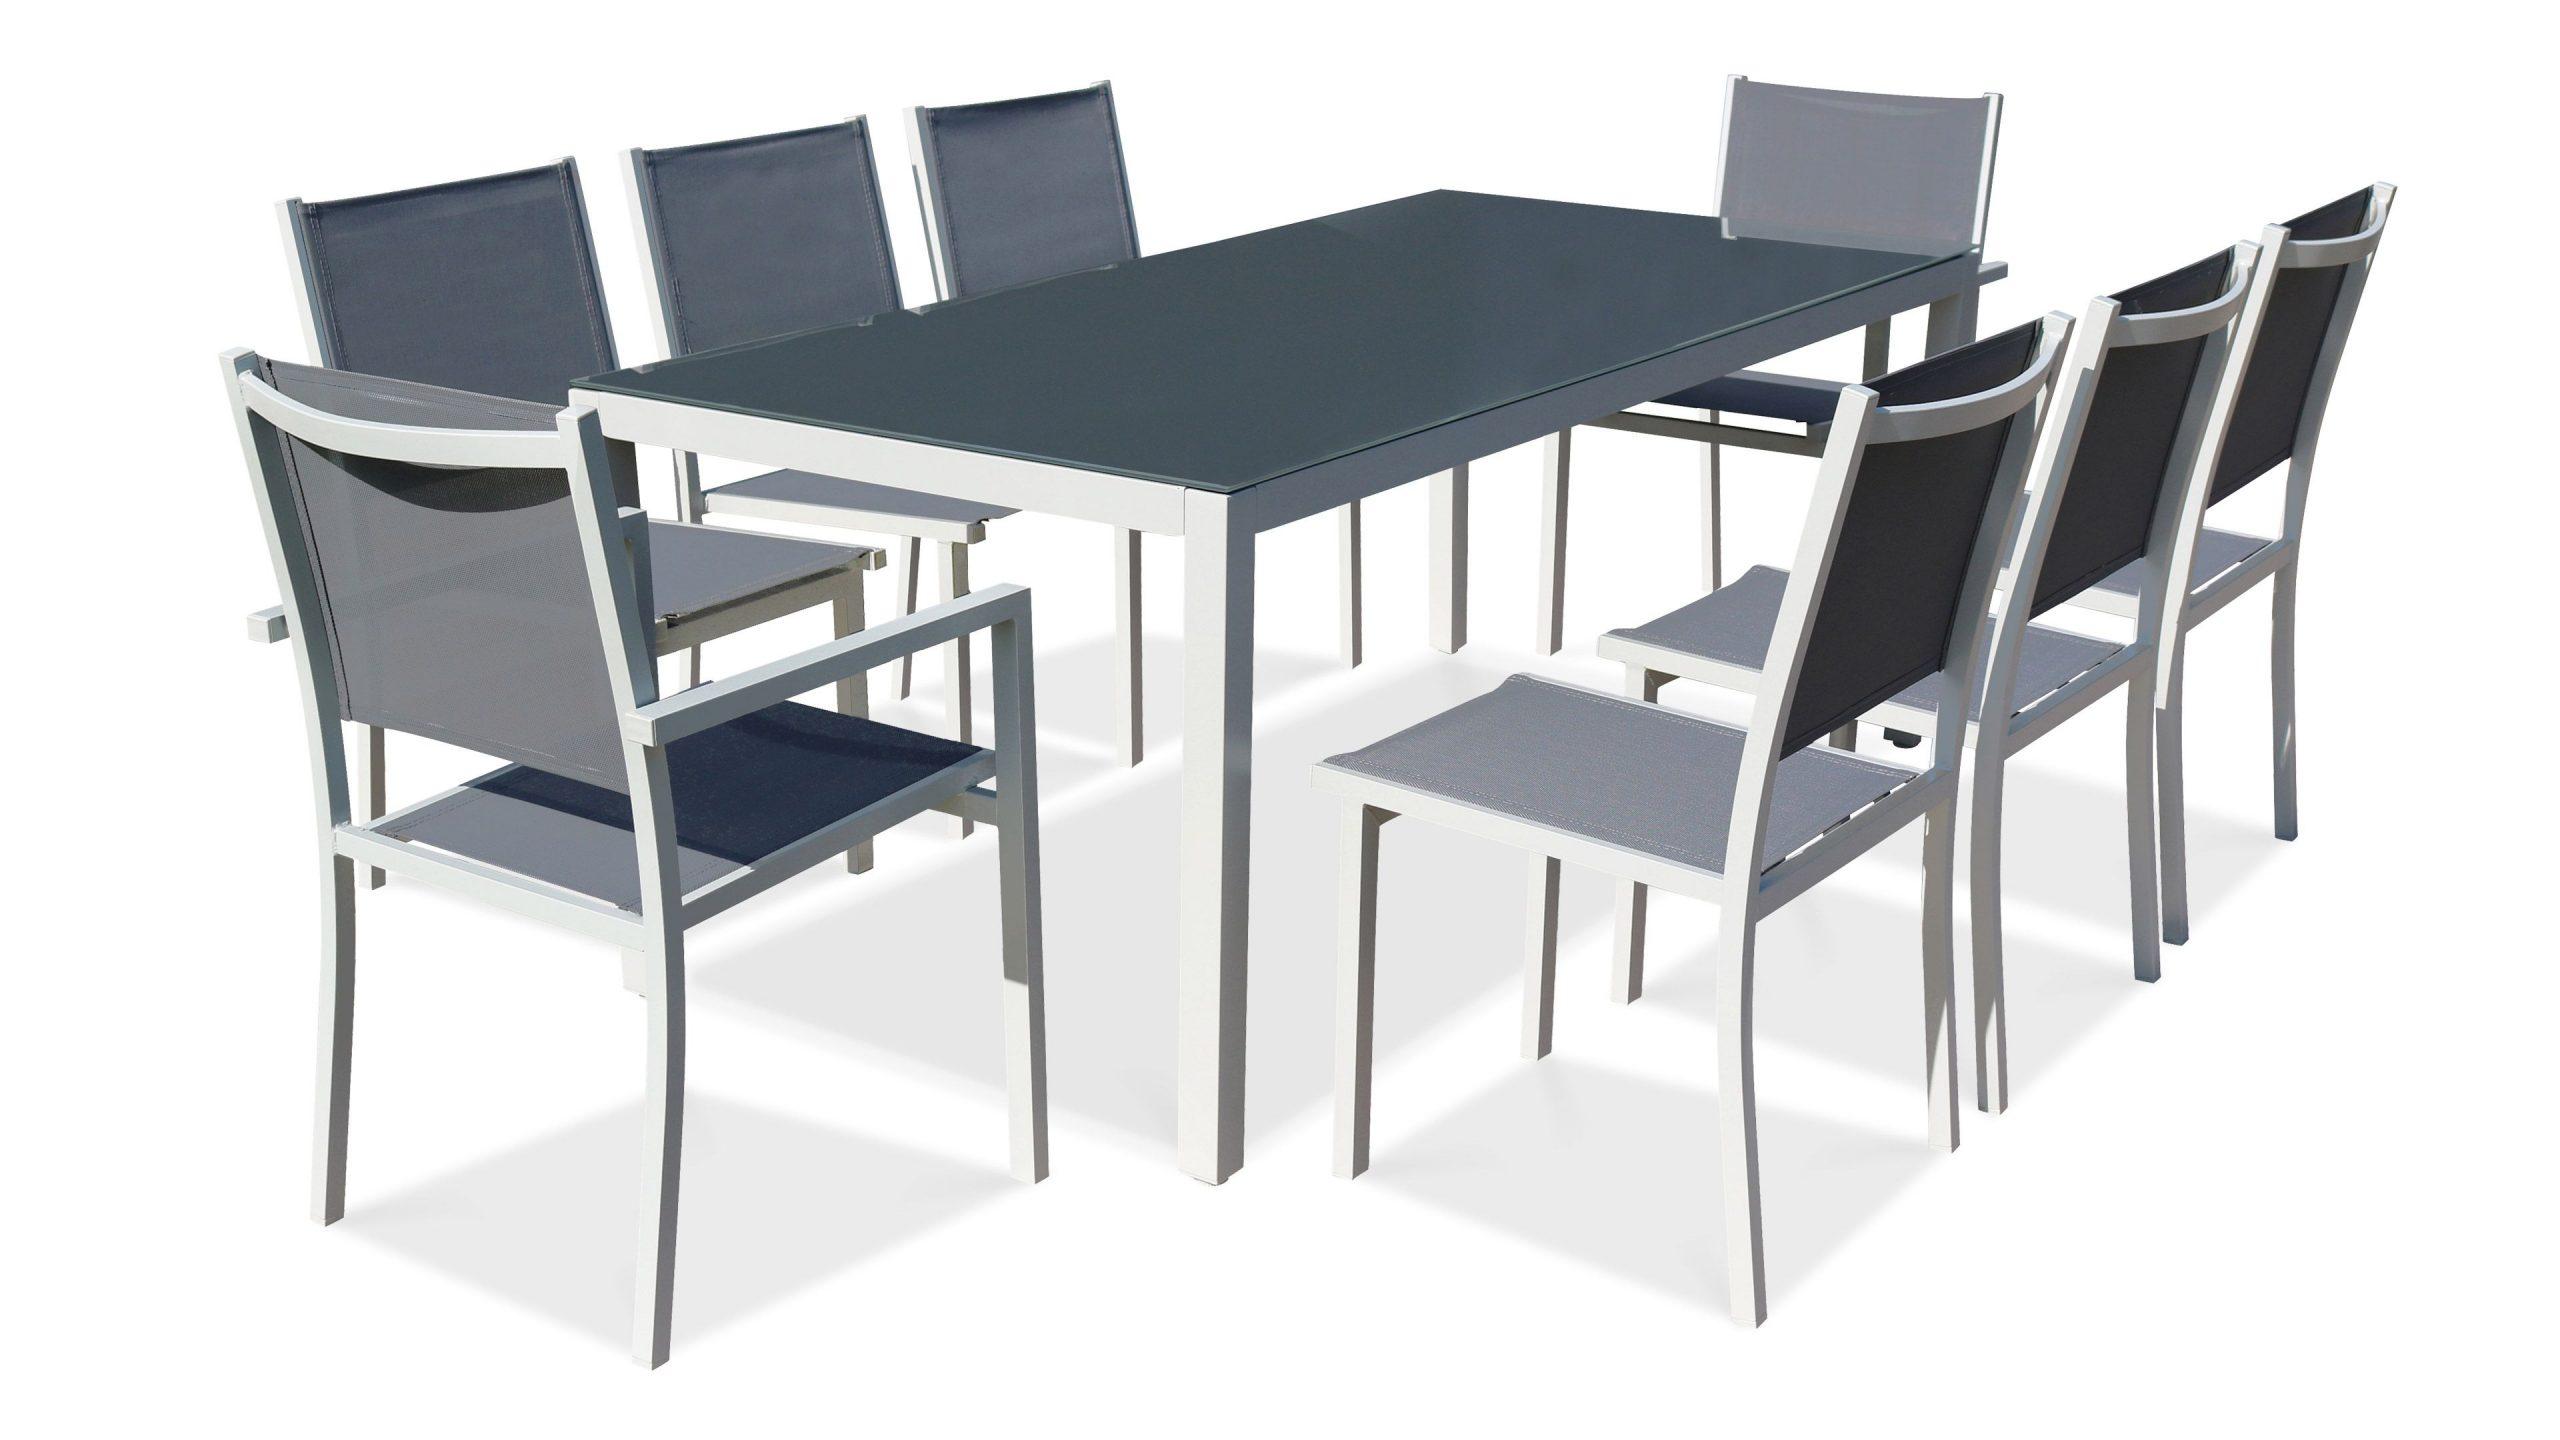 Salon De Jardin Aluminium Table De Jardin 8 Places tout Table De Jardin Dessus Verre